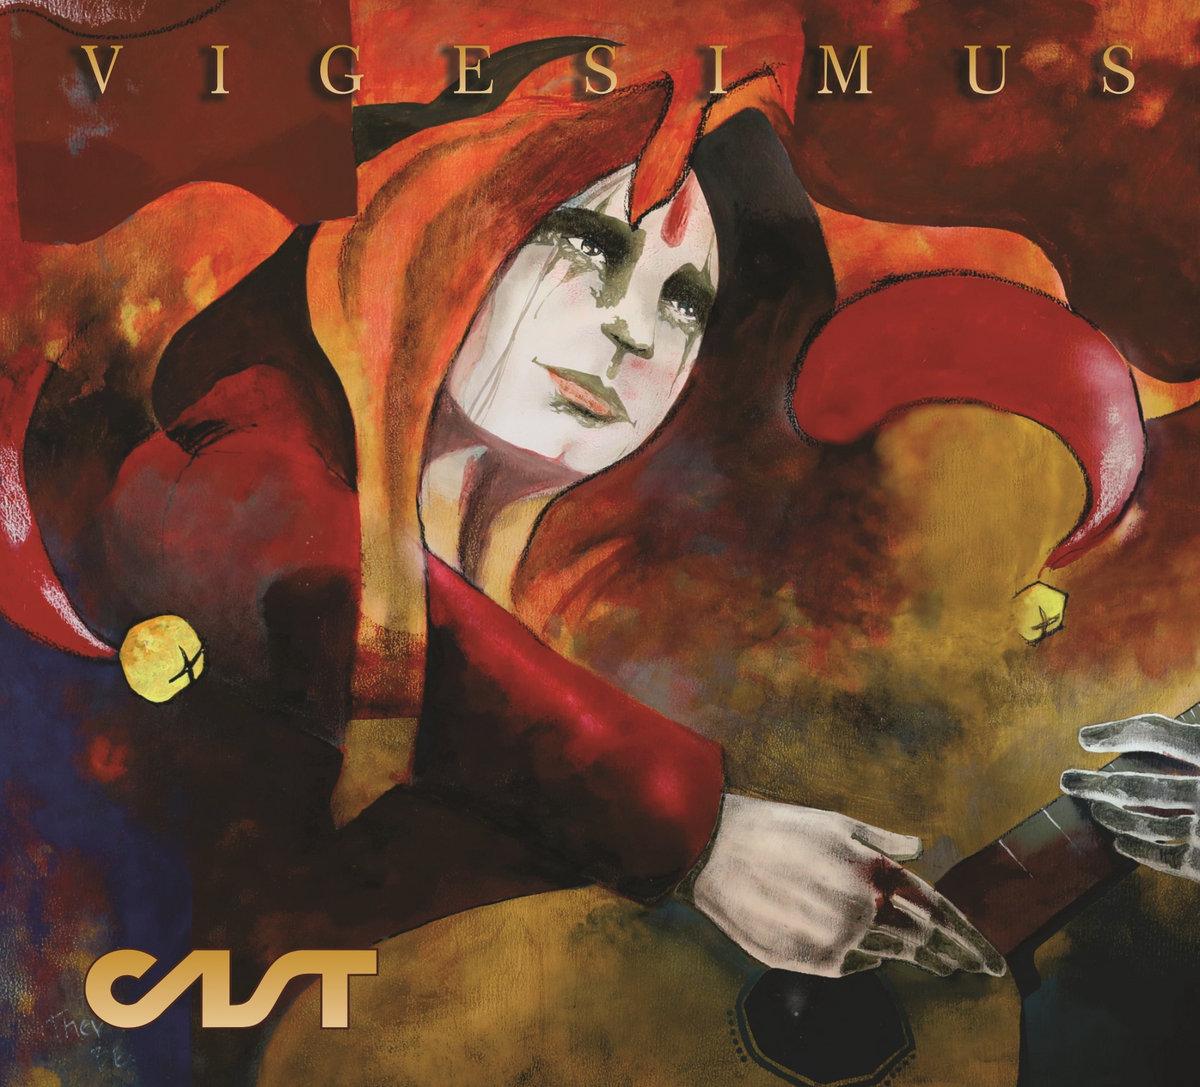 Cast: Vigesimus